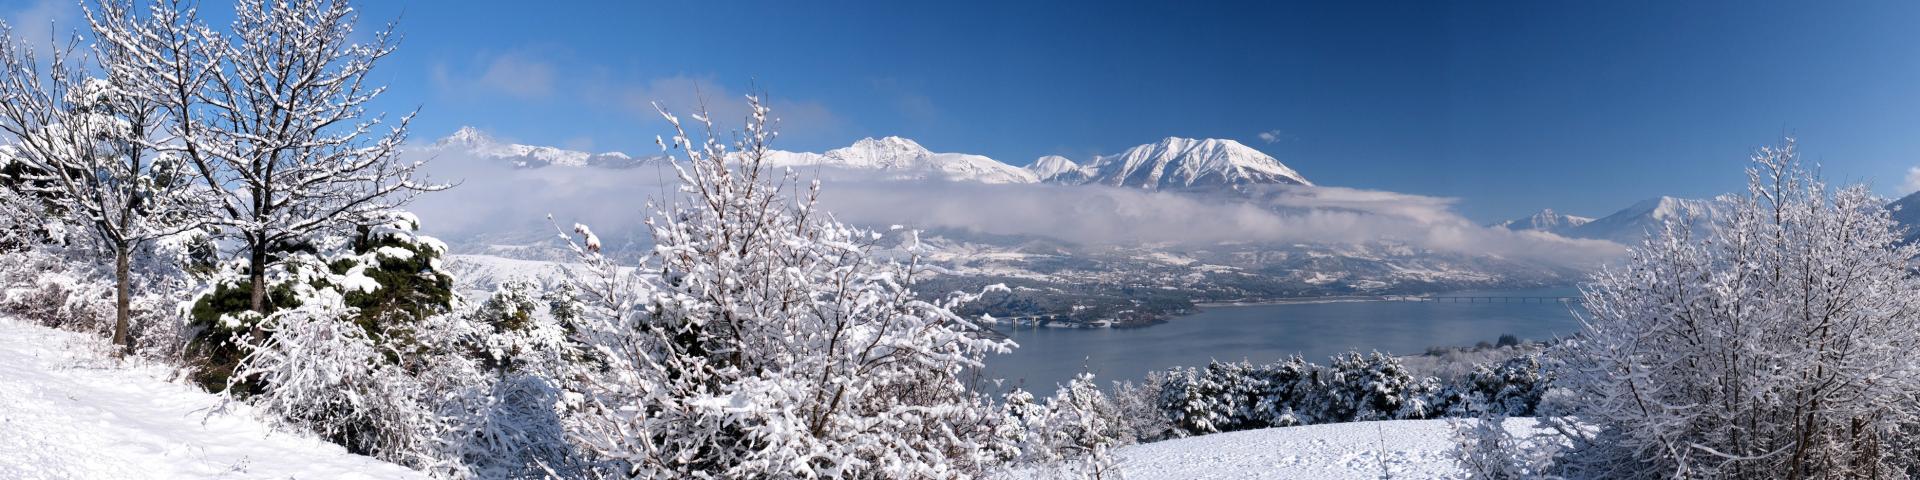 12 fevrier 2021 il vient de neiger 24